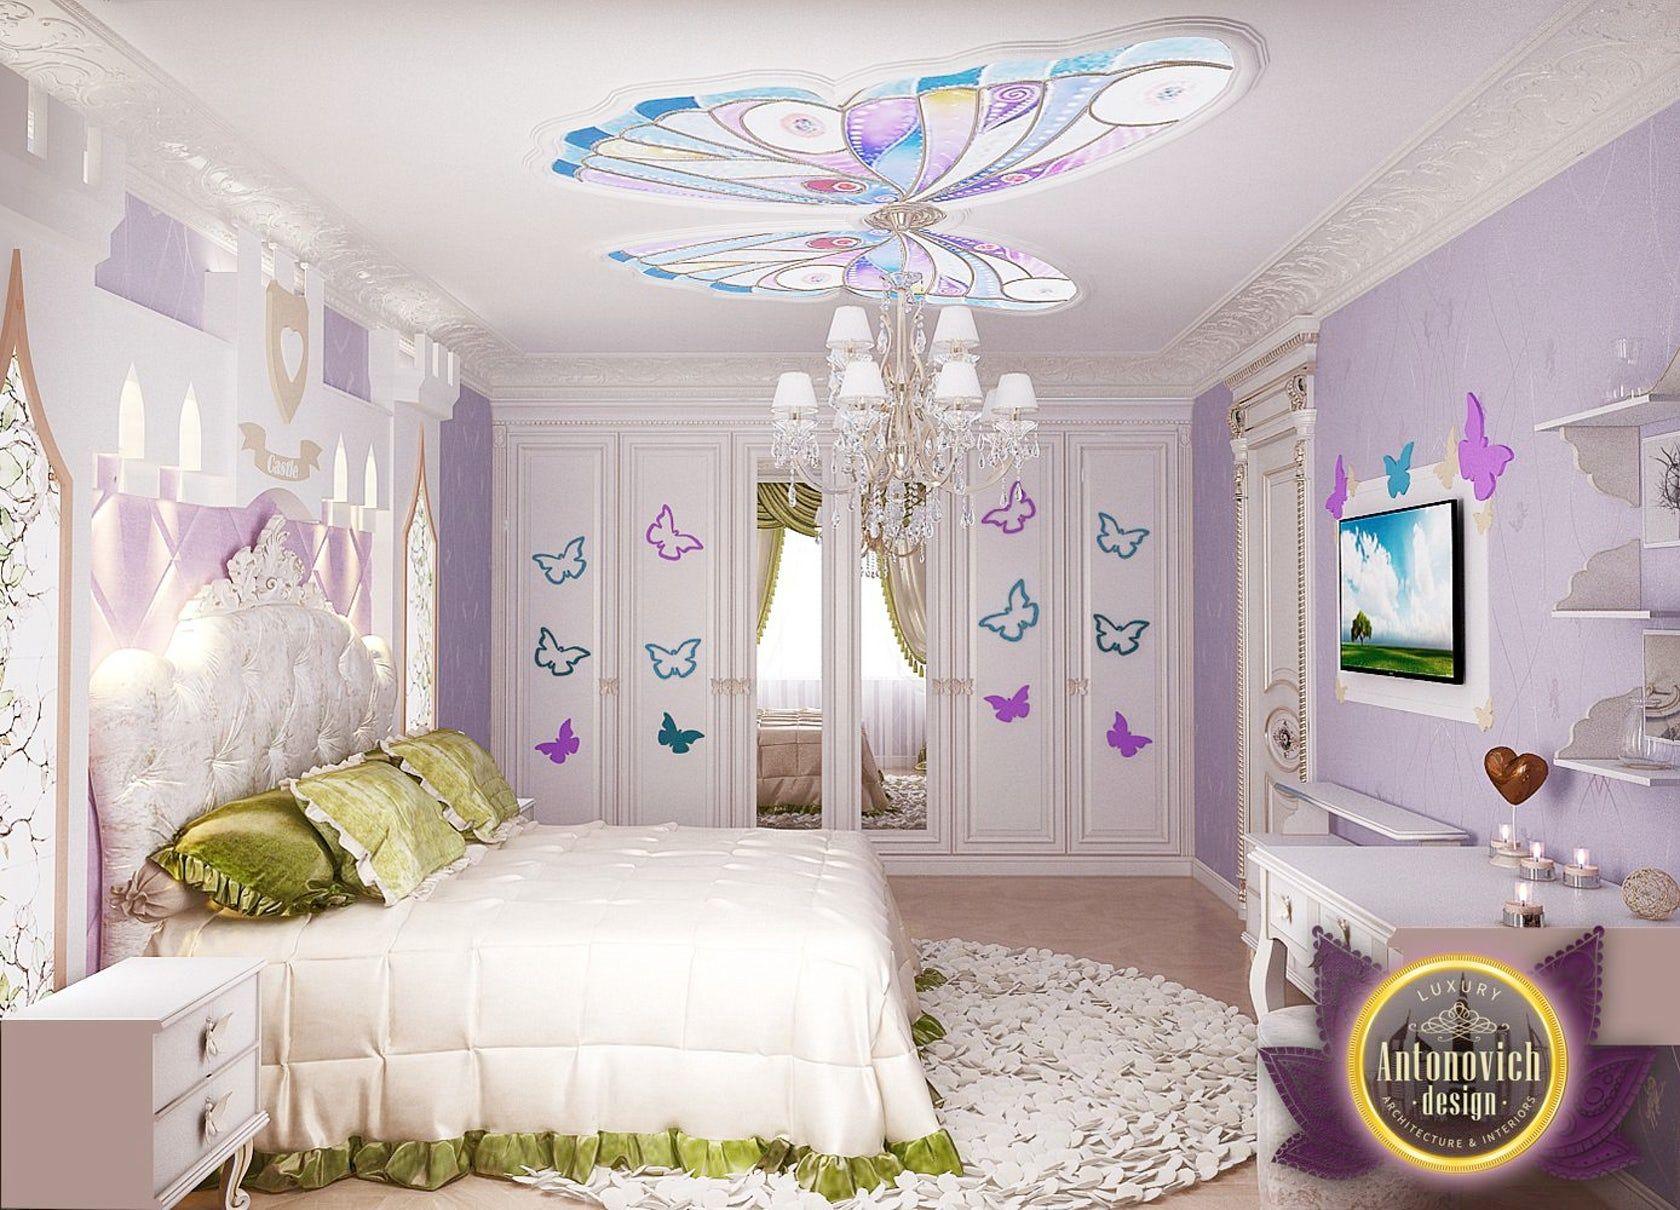 House Ideas, C Mera, Design De Interiores, Crian As, Quarto